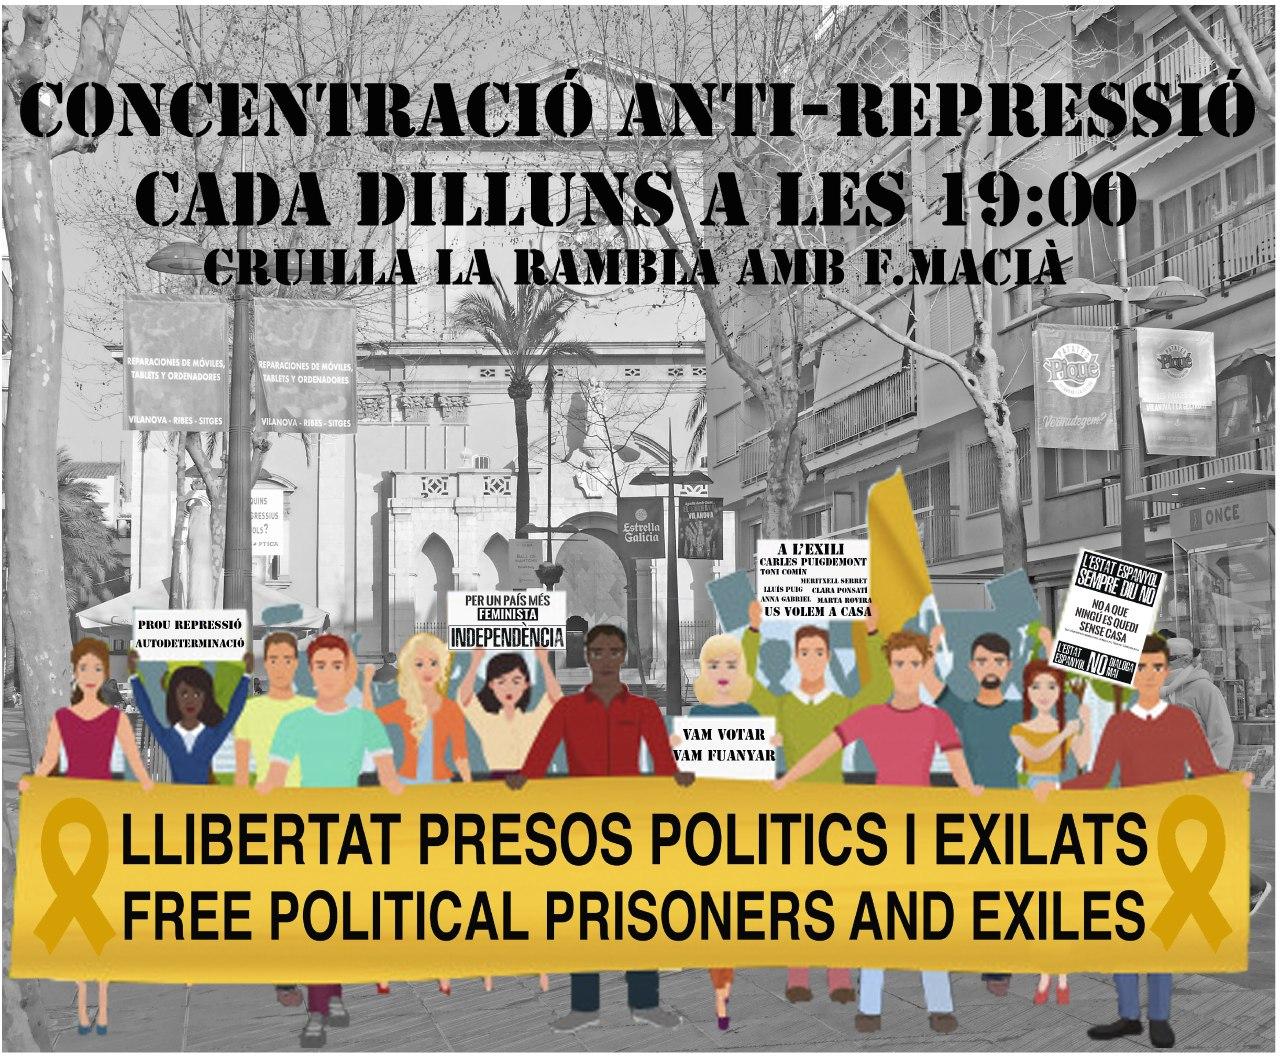 Denunciem la repressió de l'estat espanyol